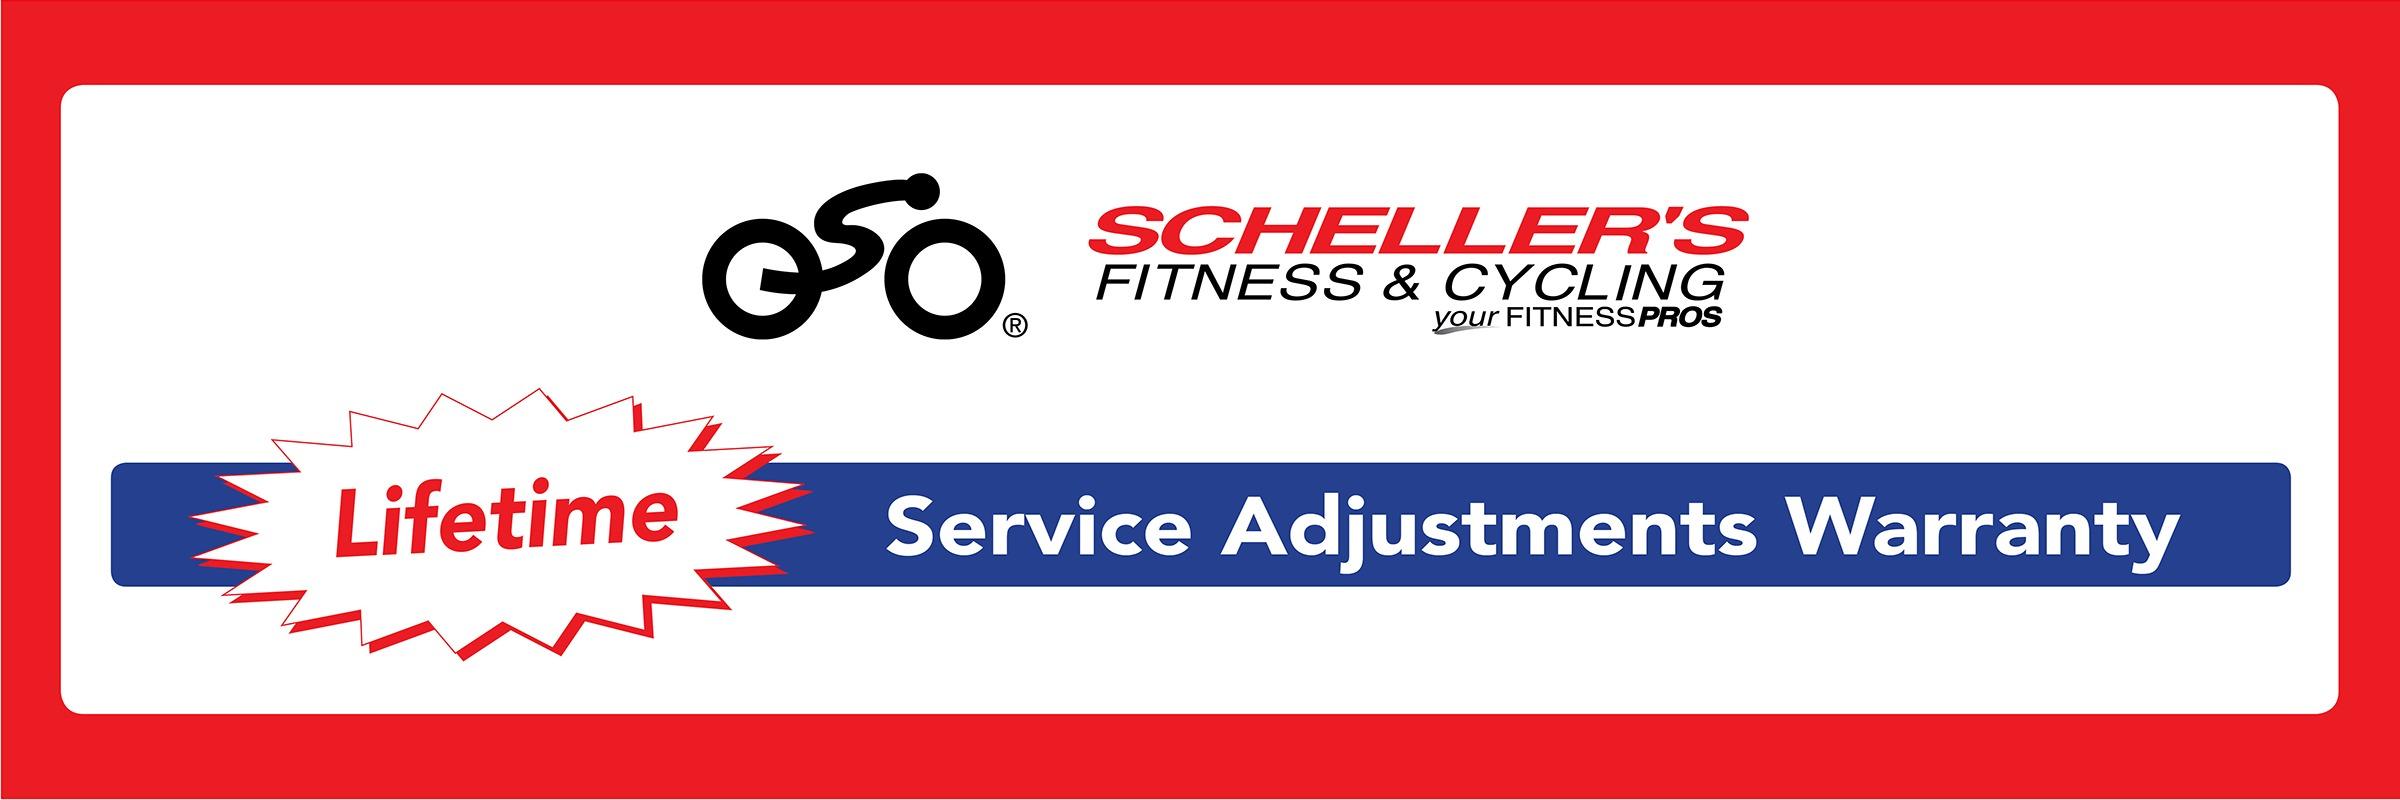 Scheller's Service Lifetime Adjustments Warranty